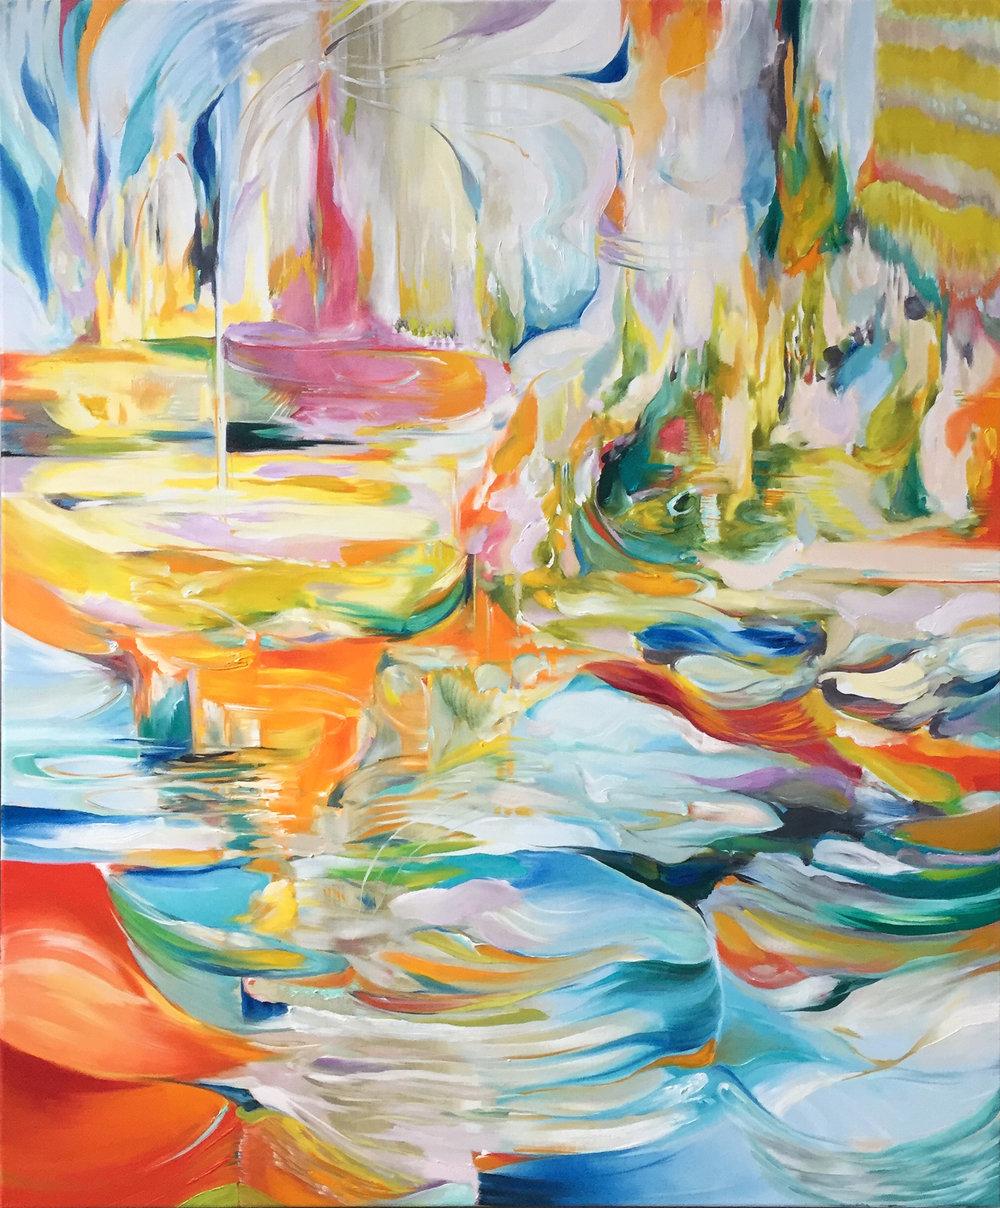 <b>Natalia Wróbel</b><br>Luminous Undercurrent<br>47.2 x 39.4 in.